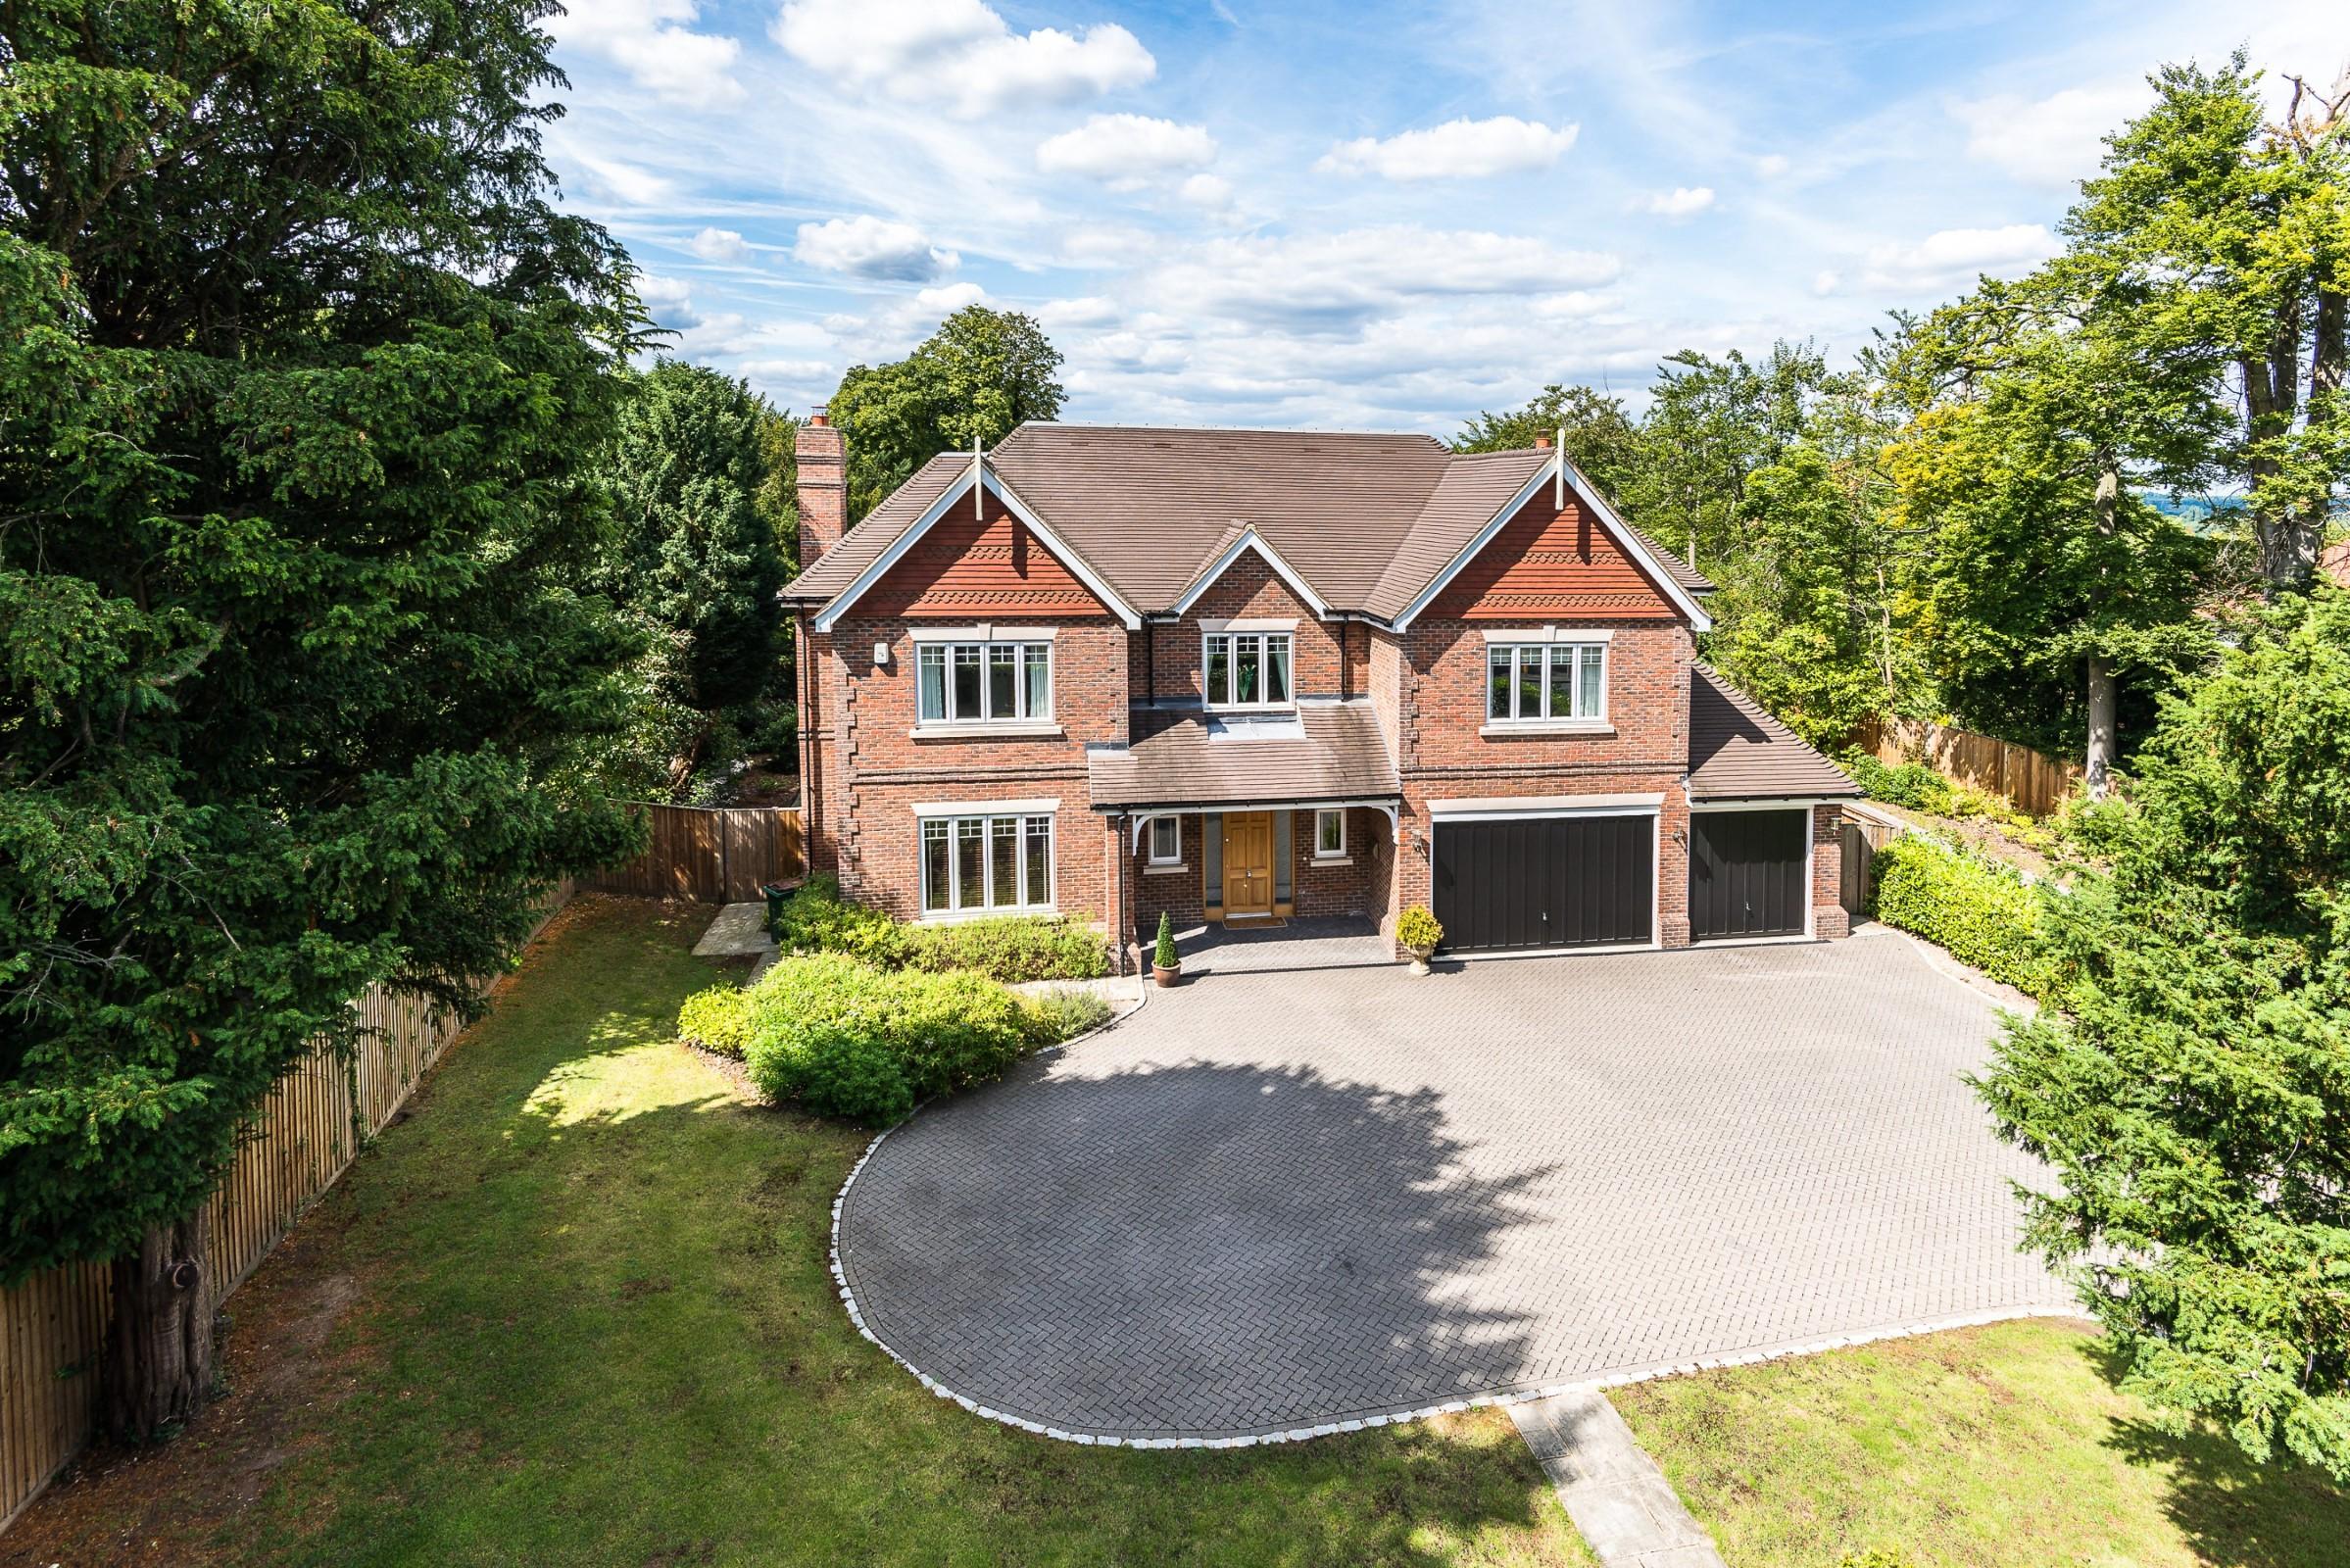 一戸建て のために 売買 アット Fetcham, Surrey Guildford Road Fetcham, イギリス, KT229DP イギリス